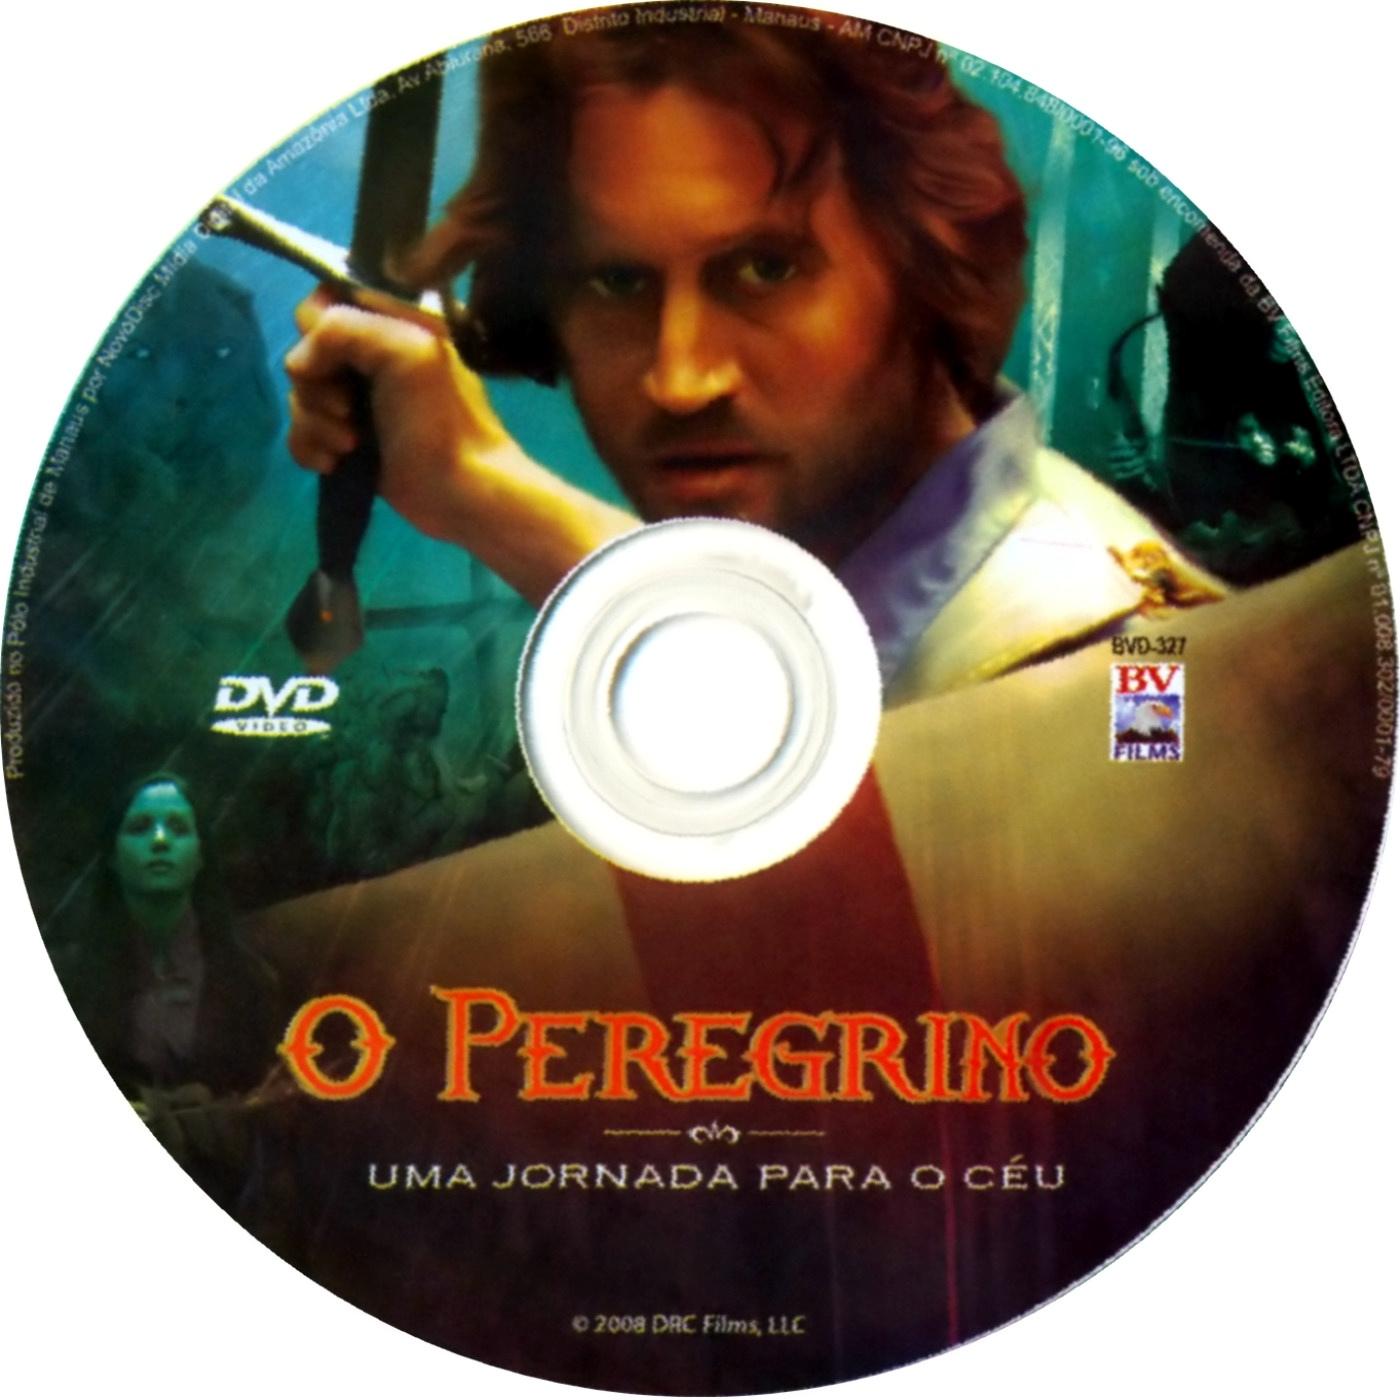 dvd o peregrino gratis